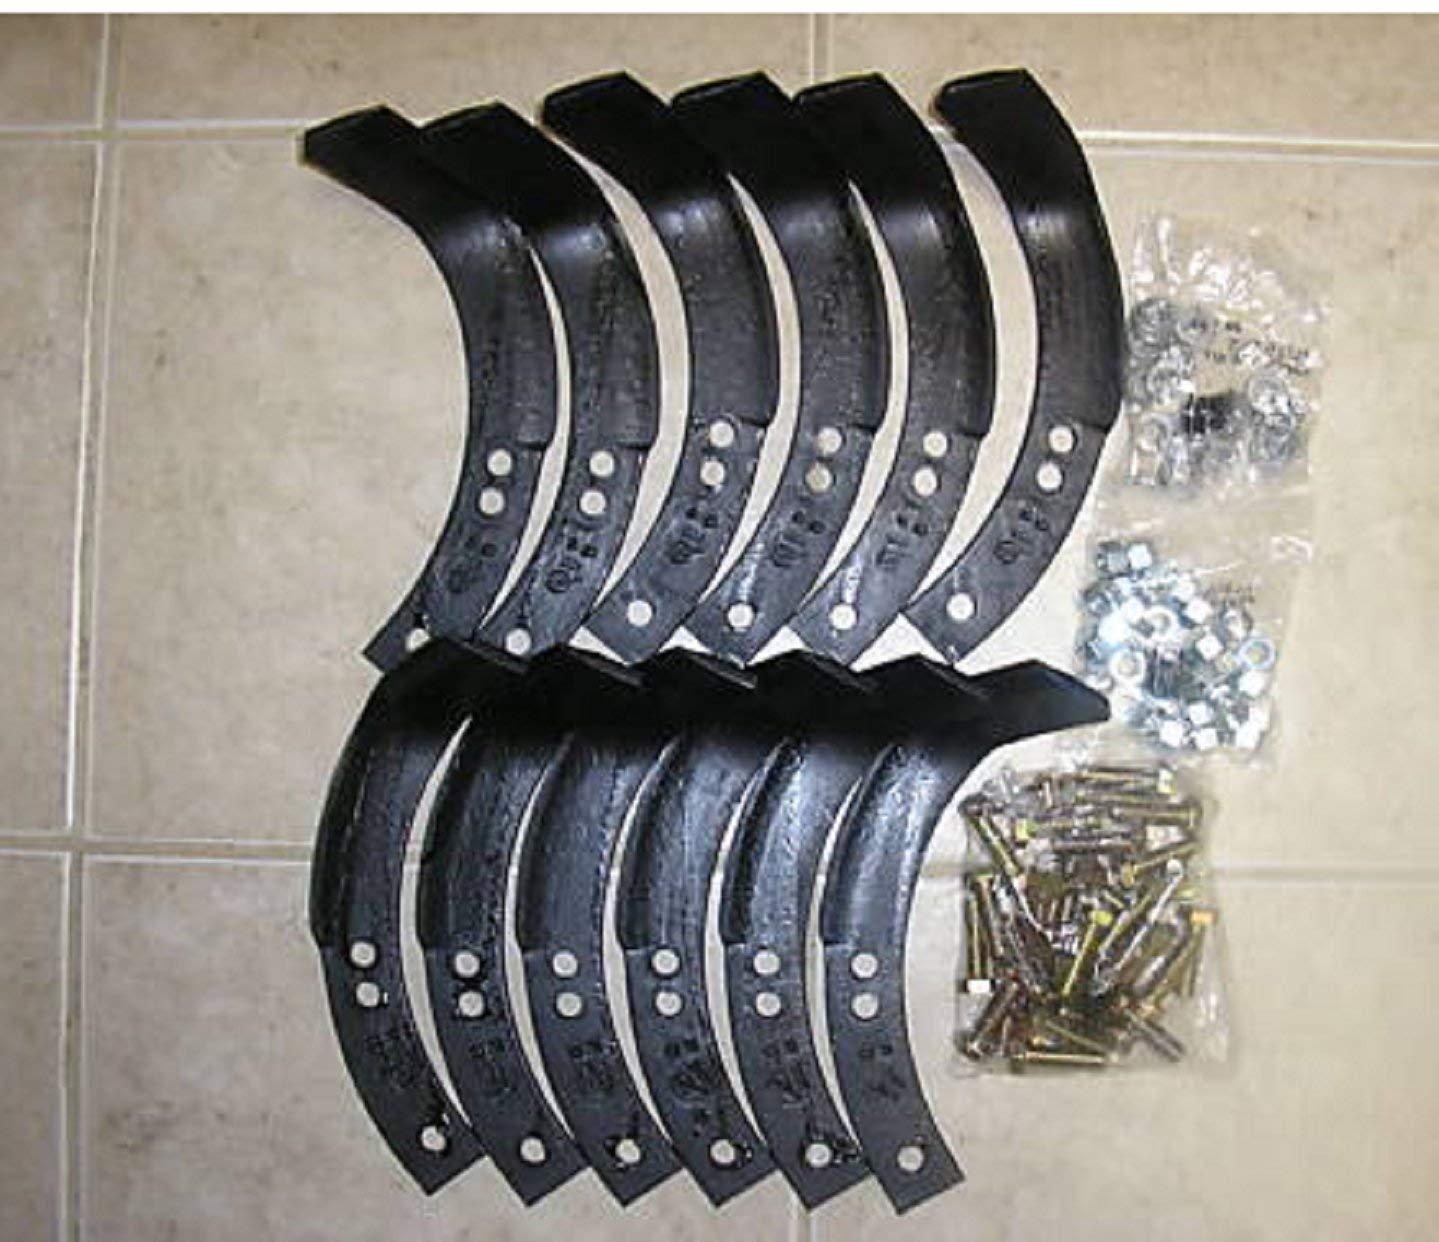 Carburetor #420594 for Sears Craftsman LCT 24 INCH Tiller 917.299011 917.299010